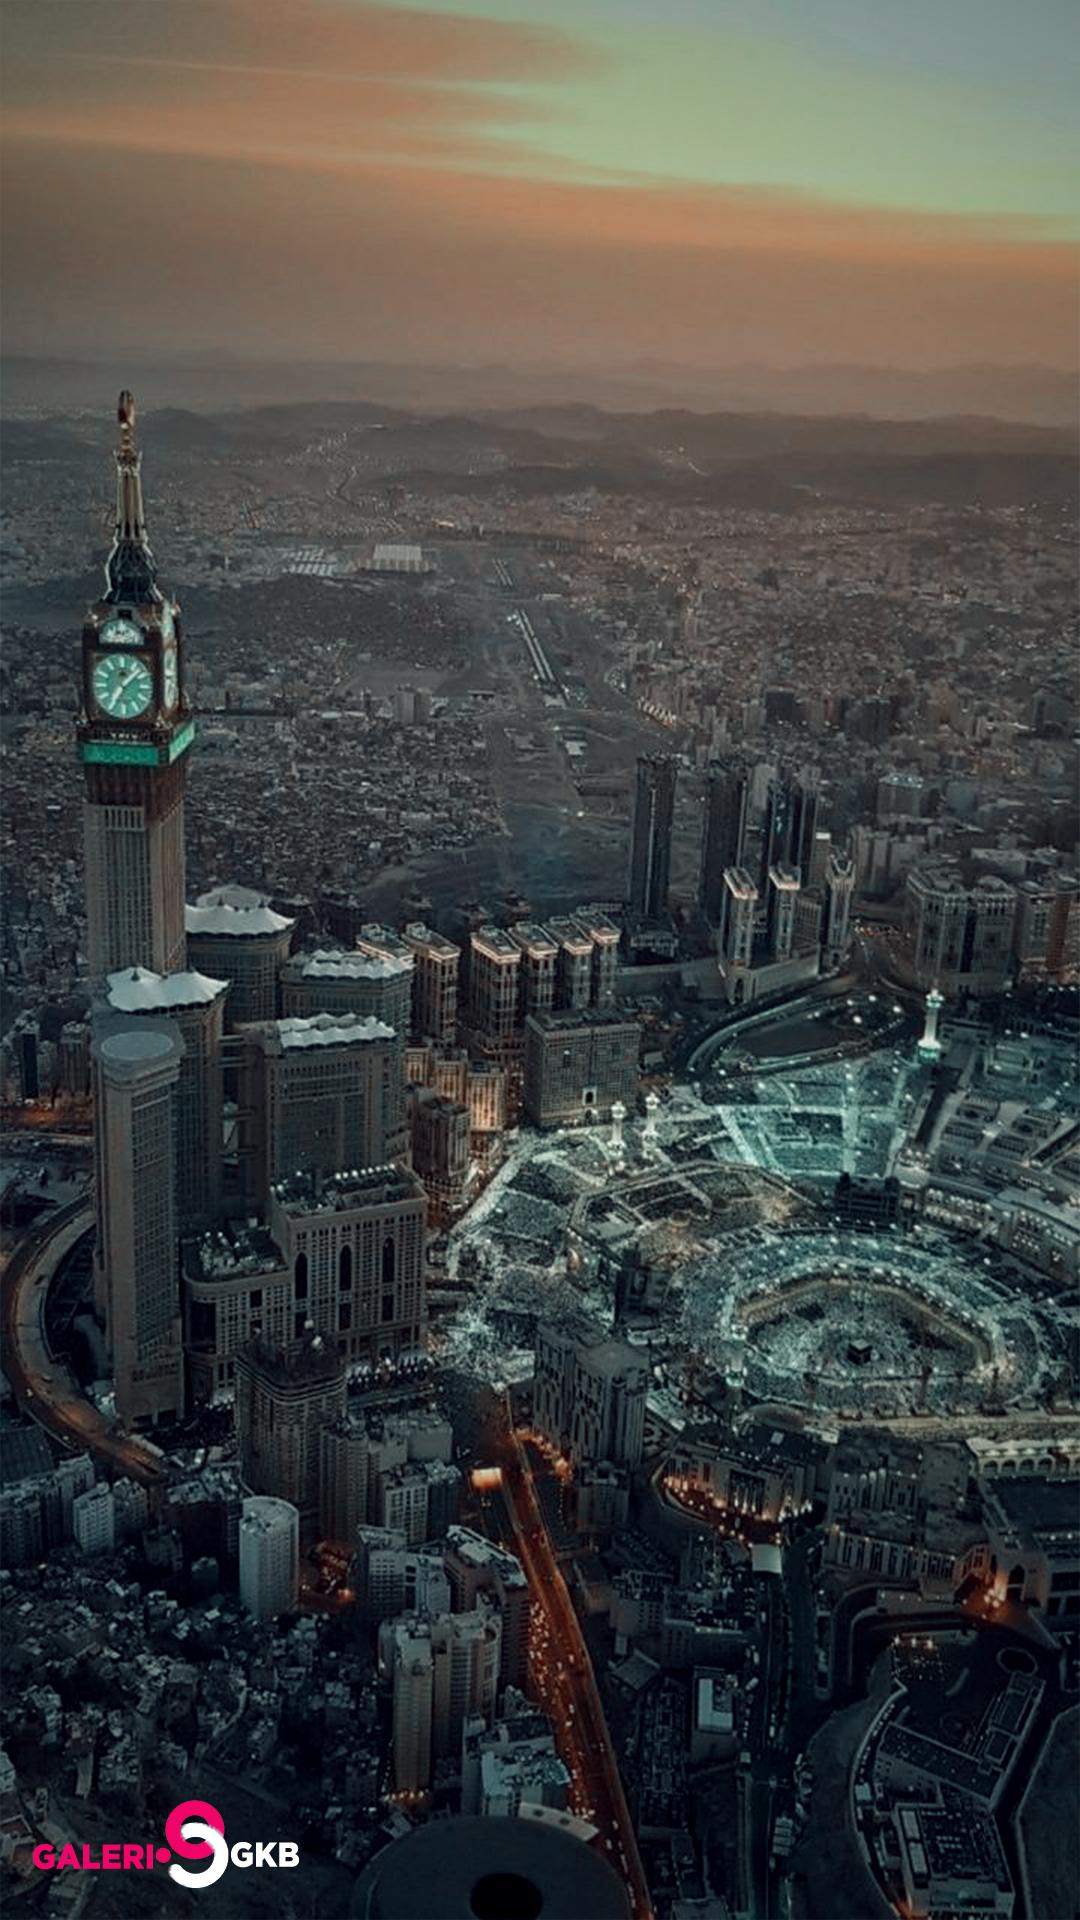 Mekah Gambar Wallpaper Makkah/Macca/Mecca/Mekkah for Android HD